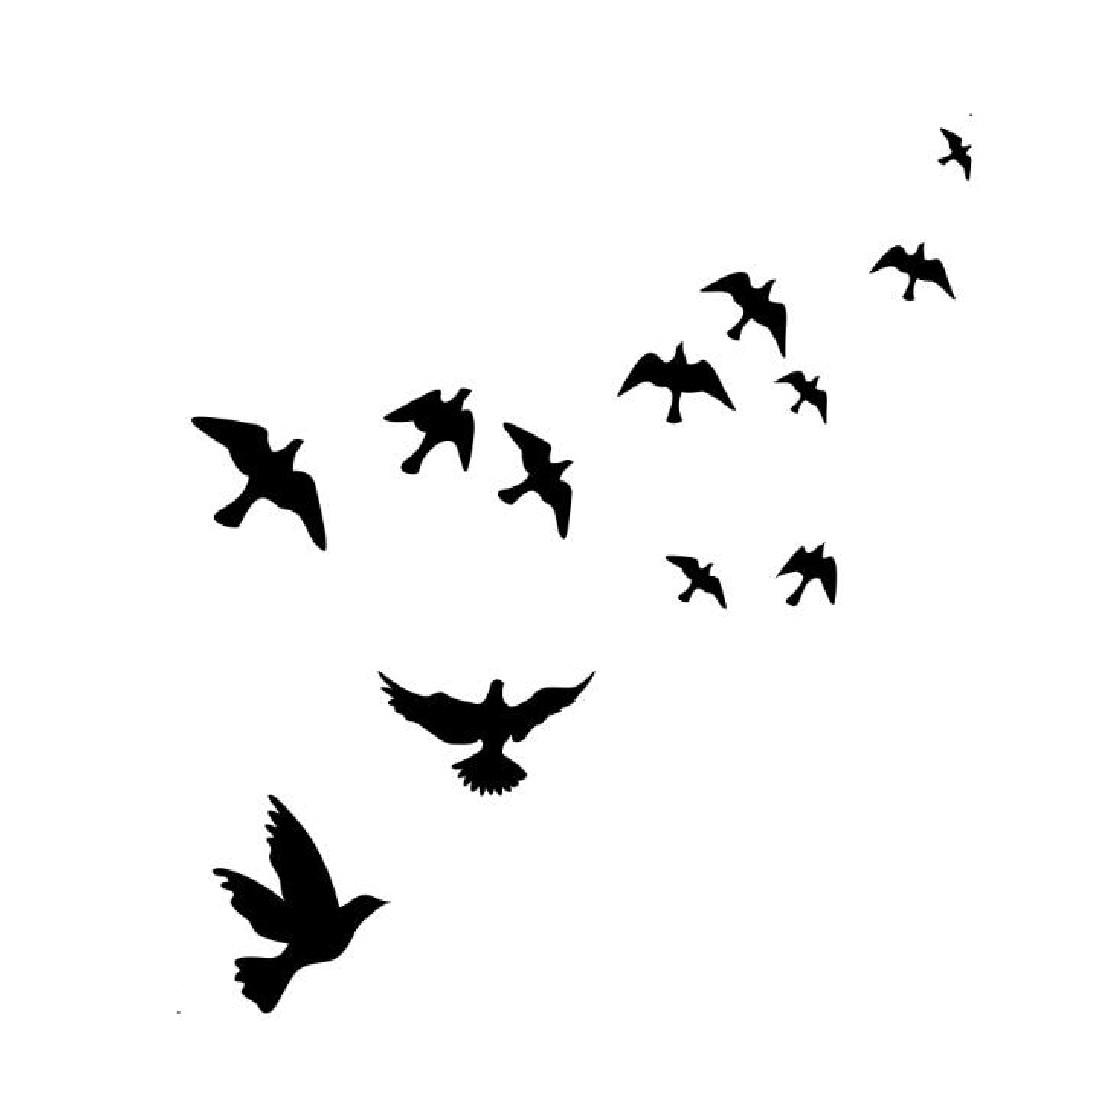 Mewarnai Gambar Burung Terbang Hitam Marimewarnaiwebsite